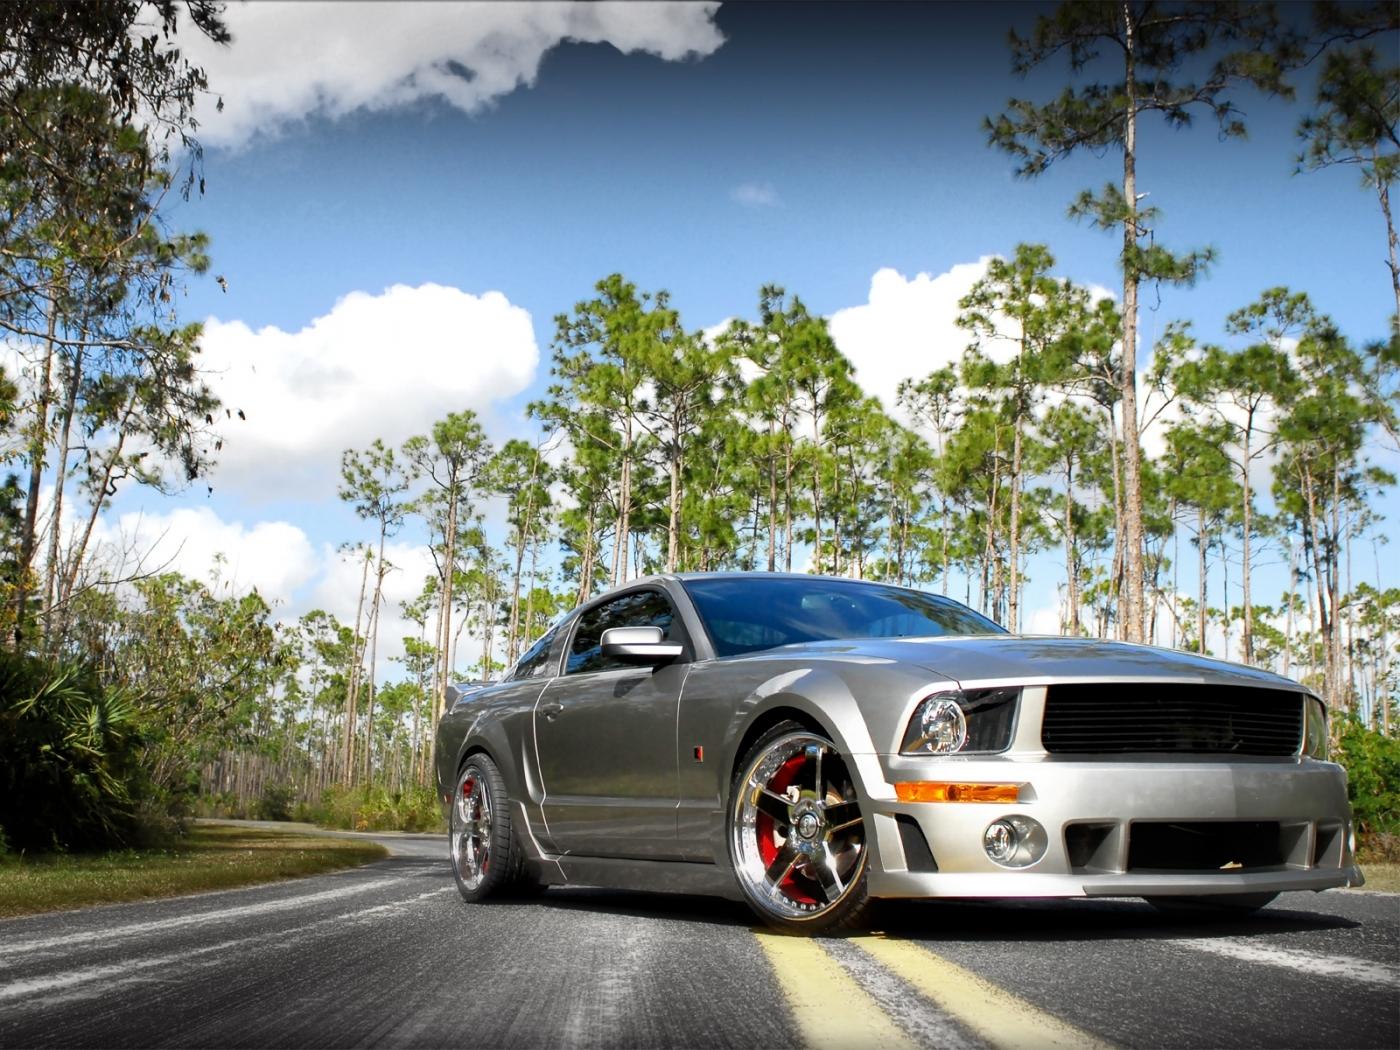 50250 скачать обои Транспорт, Машины, Мустанг (Mustang) - заставки и картинки бесплатно